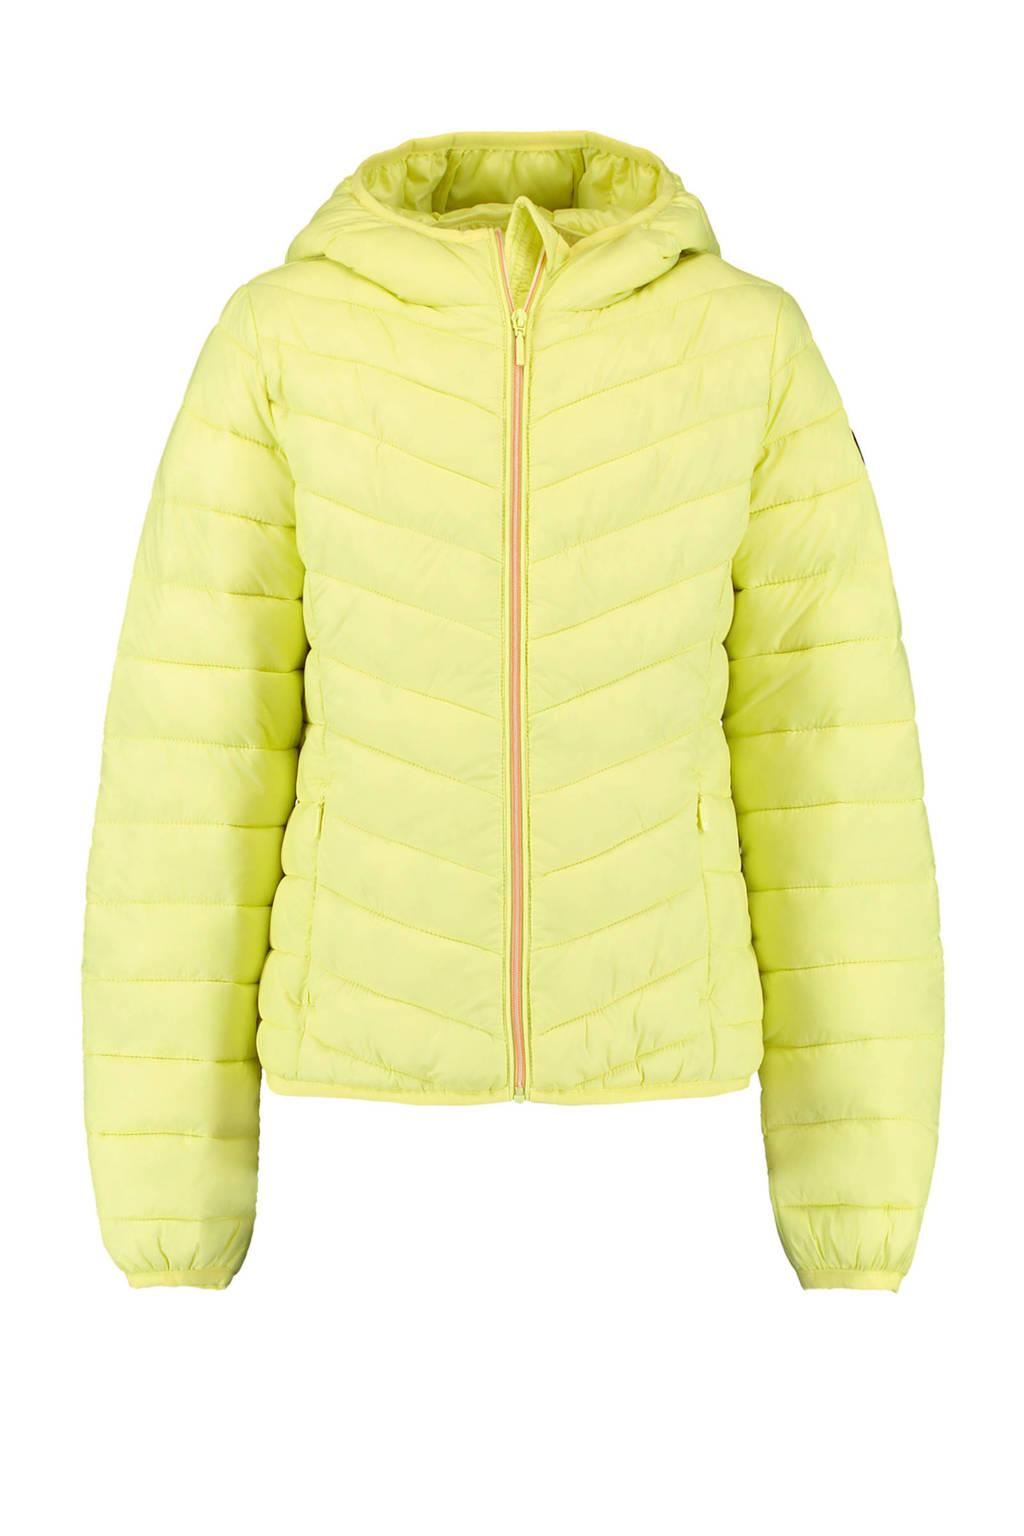 America Today Junior gewatteerde tussenjas Alice neon geel, Neon geel